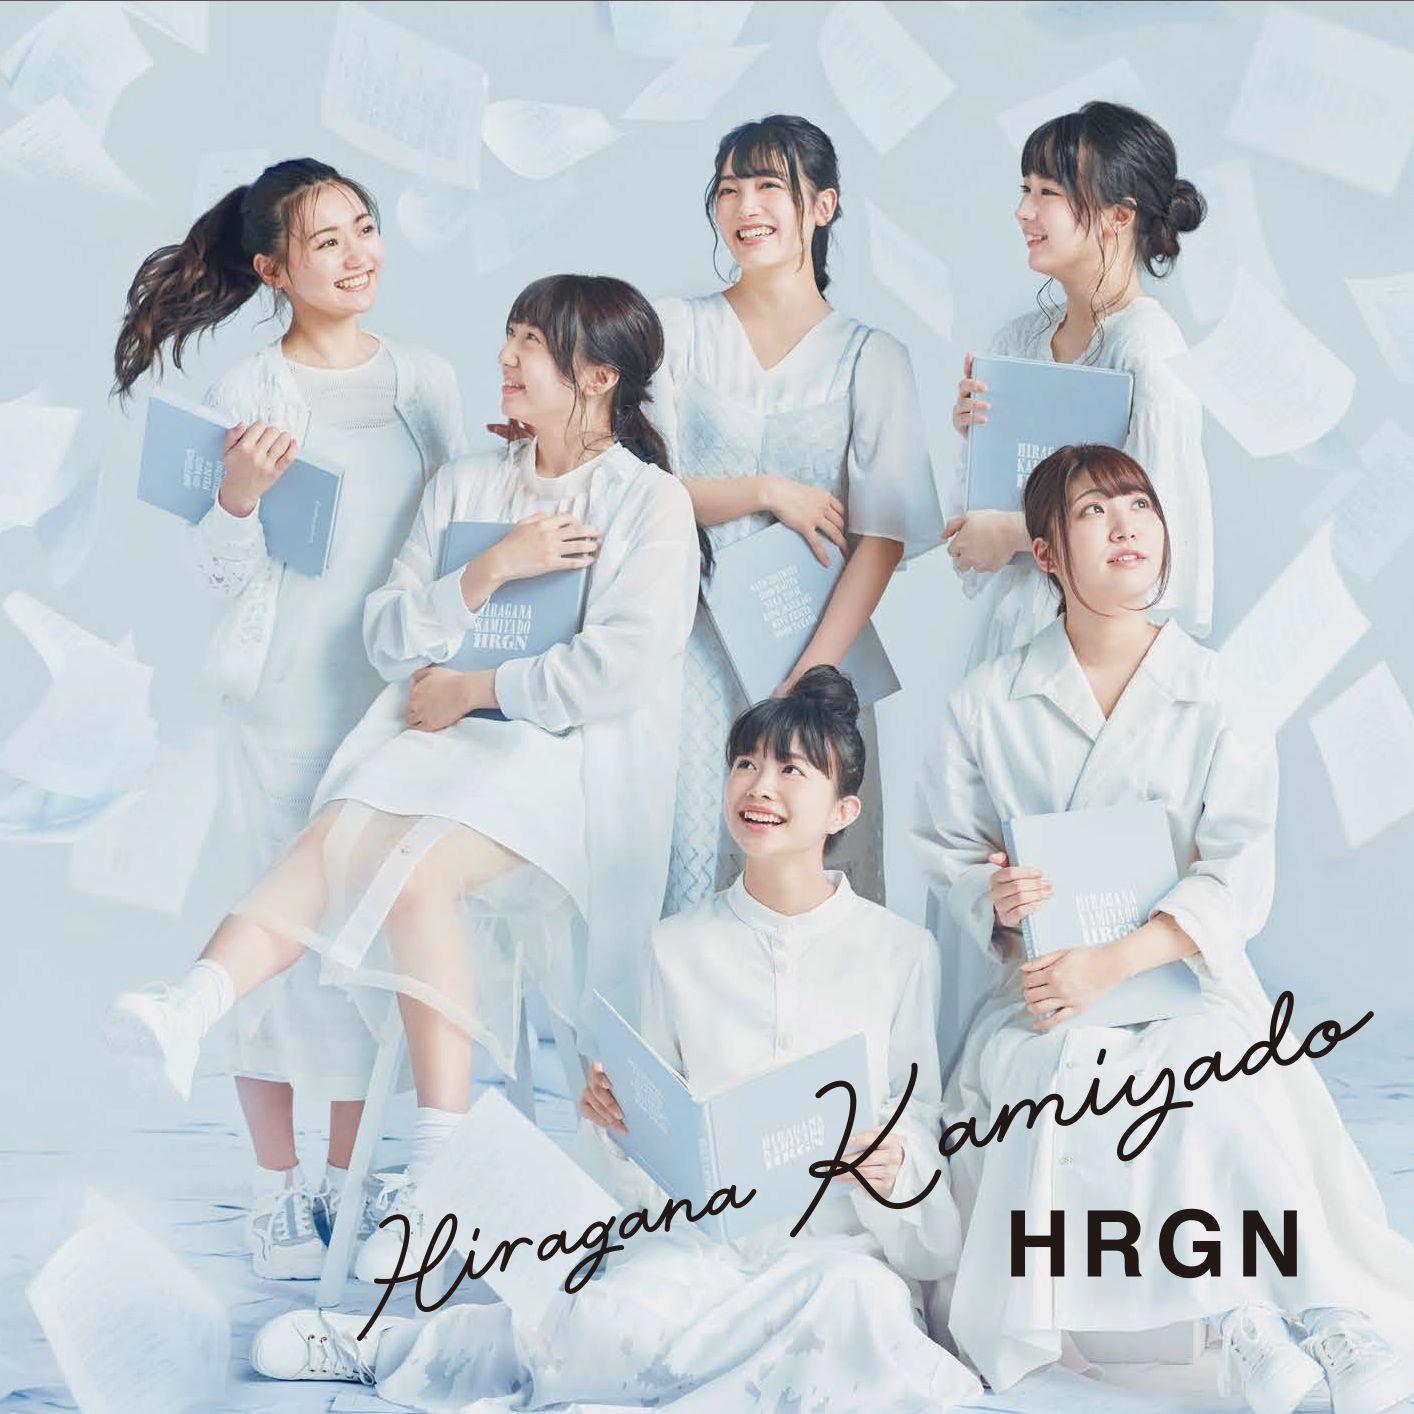 かみやど、1stアルバム「HRGN」を8月12日に発売サムネイル画像